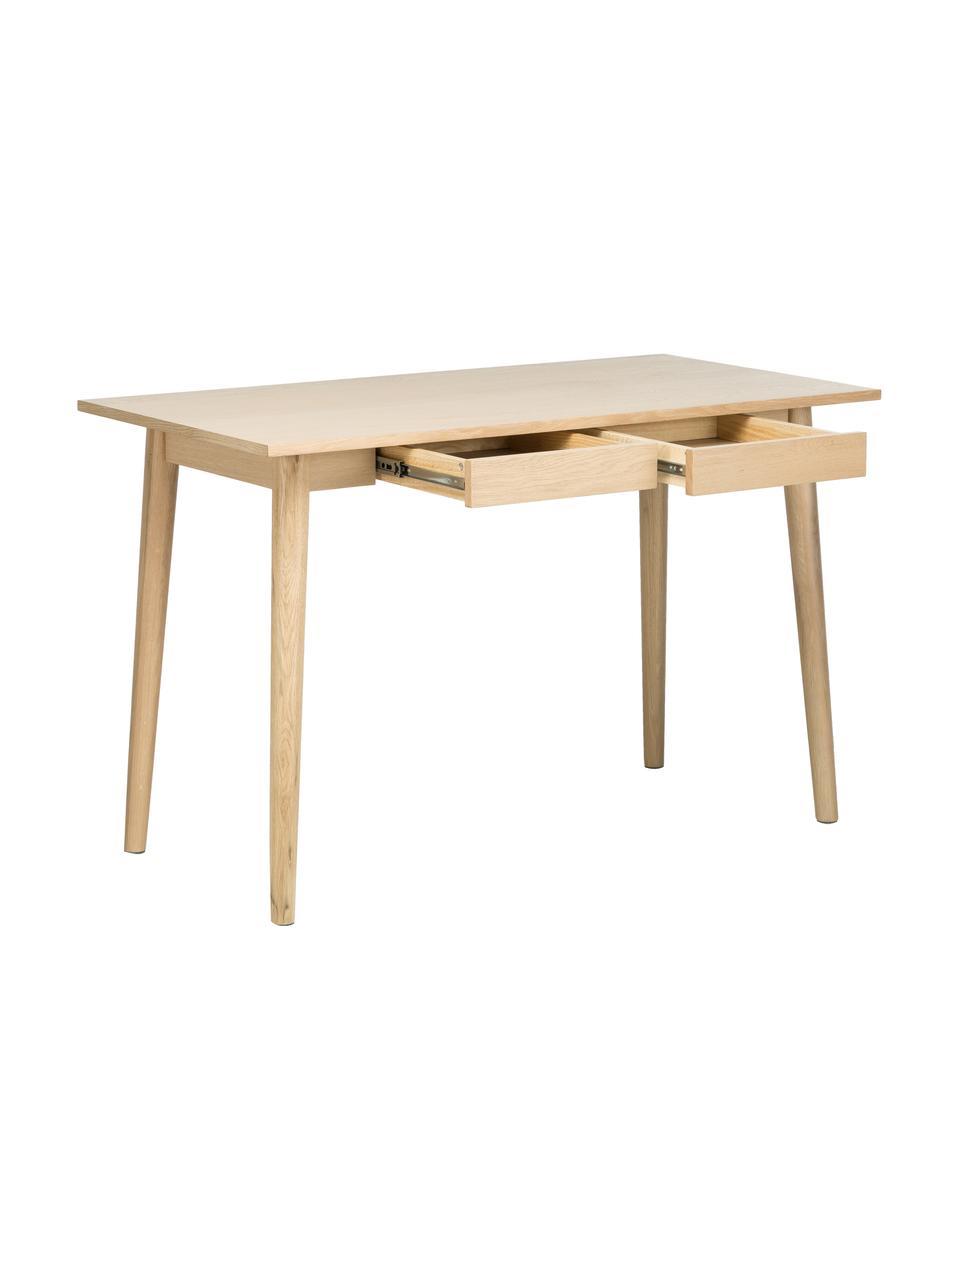 Smal Bureau Marte van eiken, Tafelblad: medium-density fibreboard, Eikenhoutkleurig, B 120 x D 60 cm